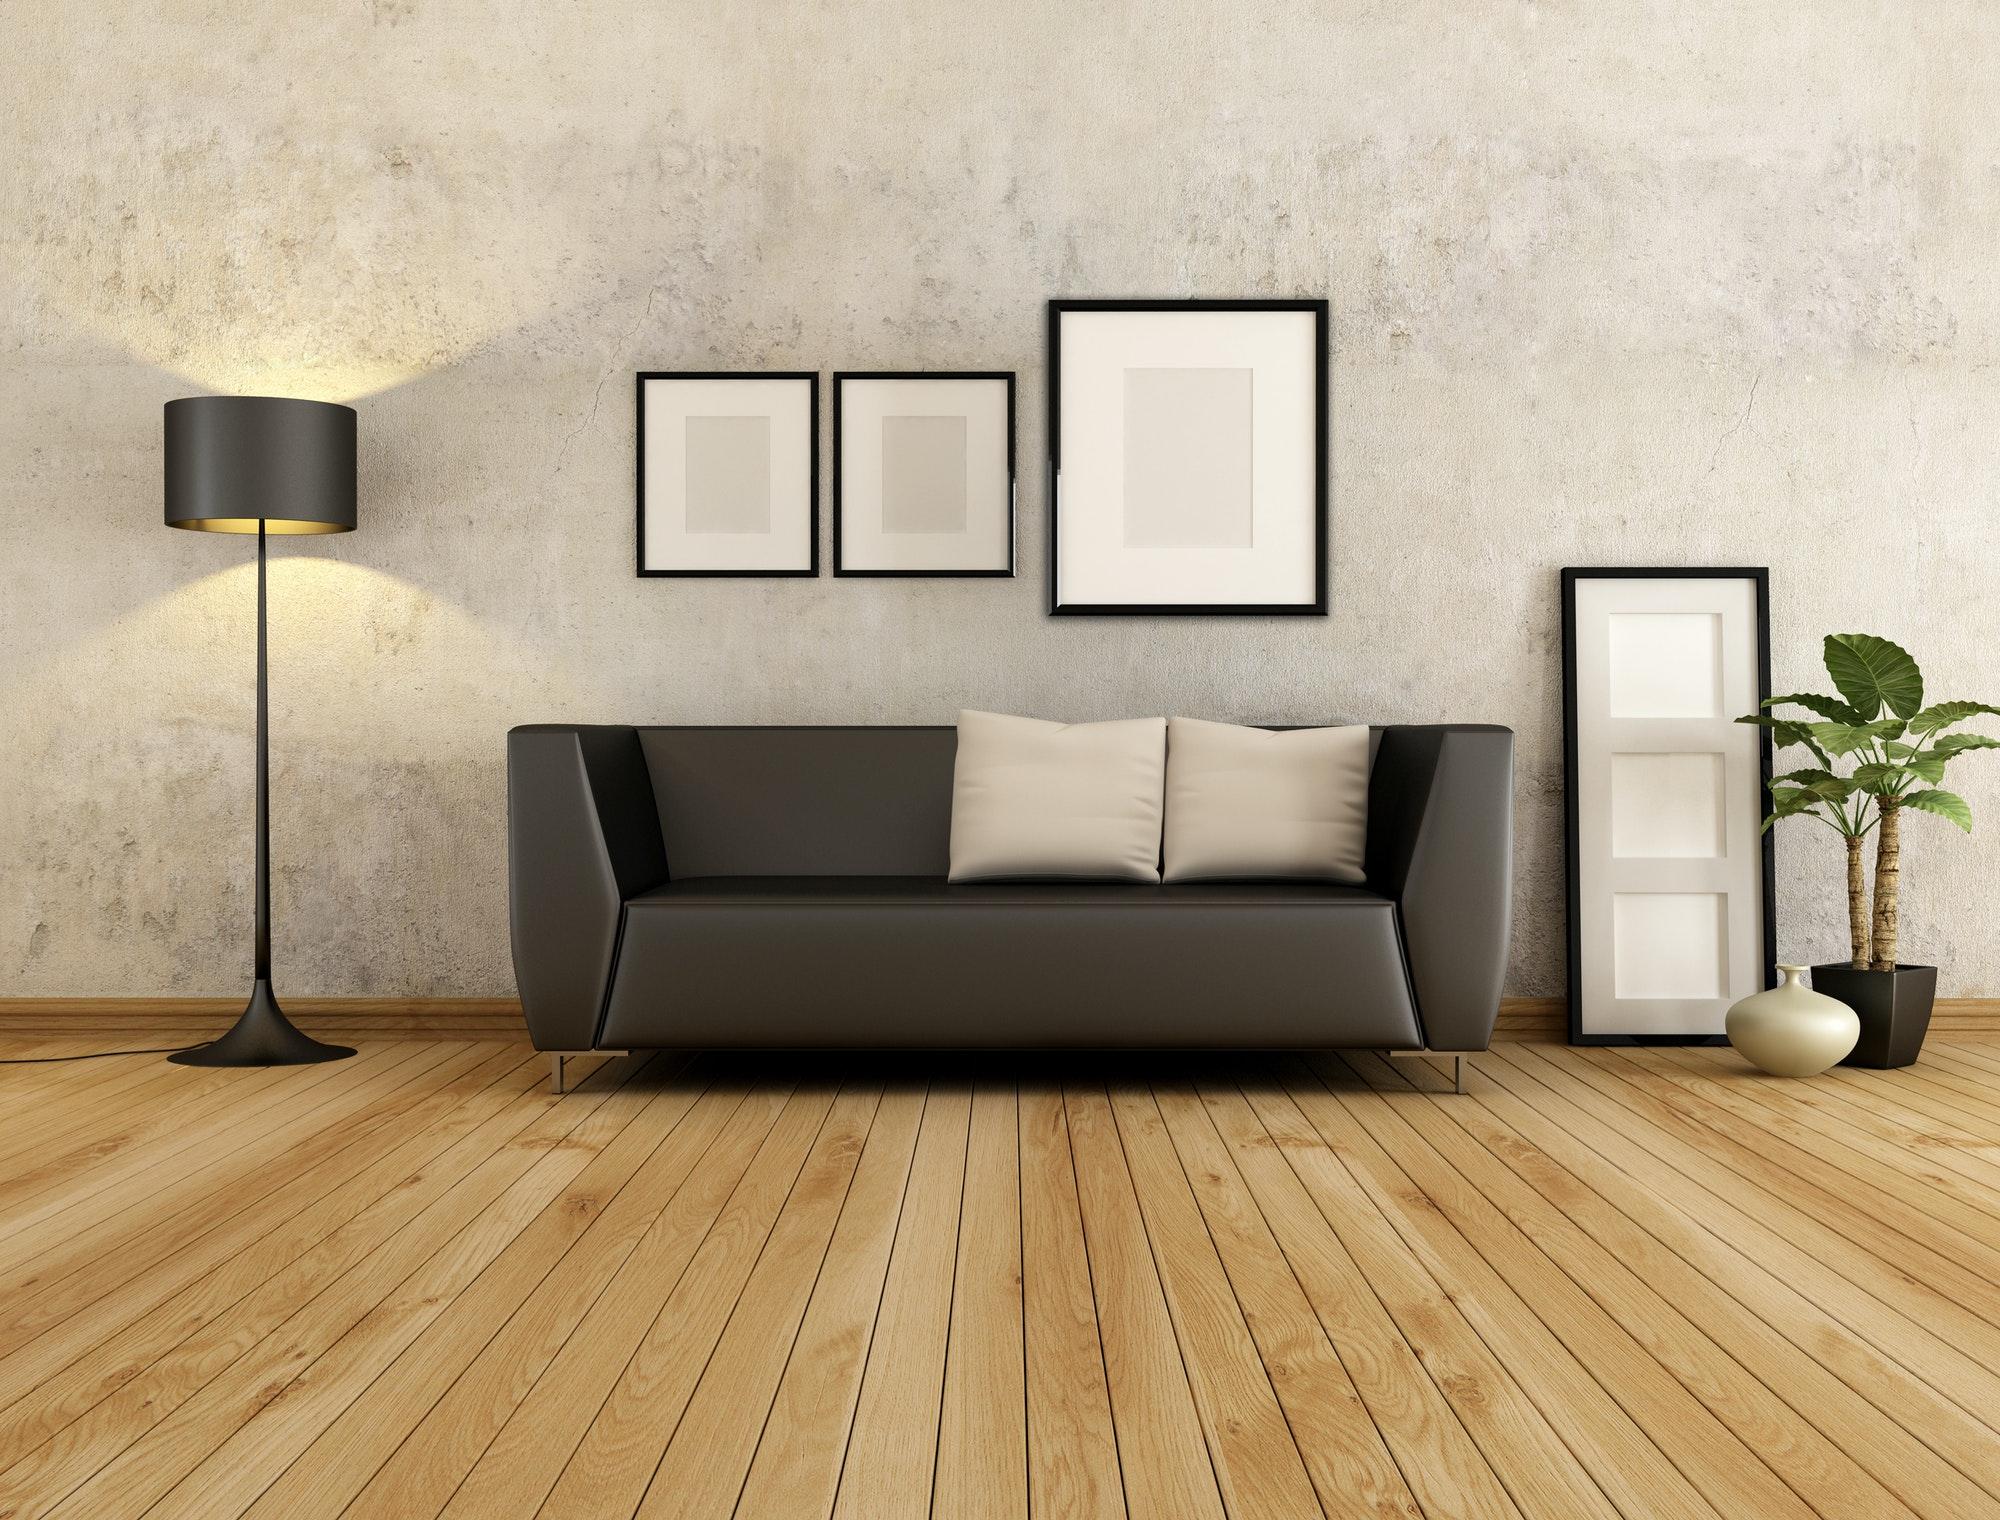 Presupuesto Reformas Integrales living room